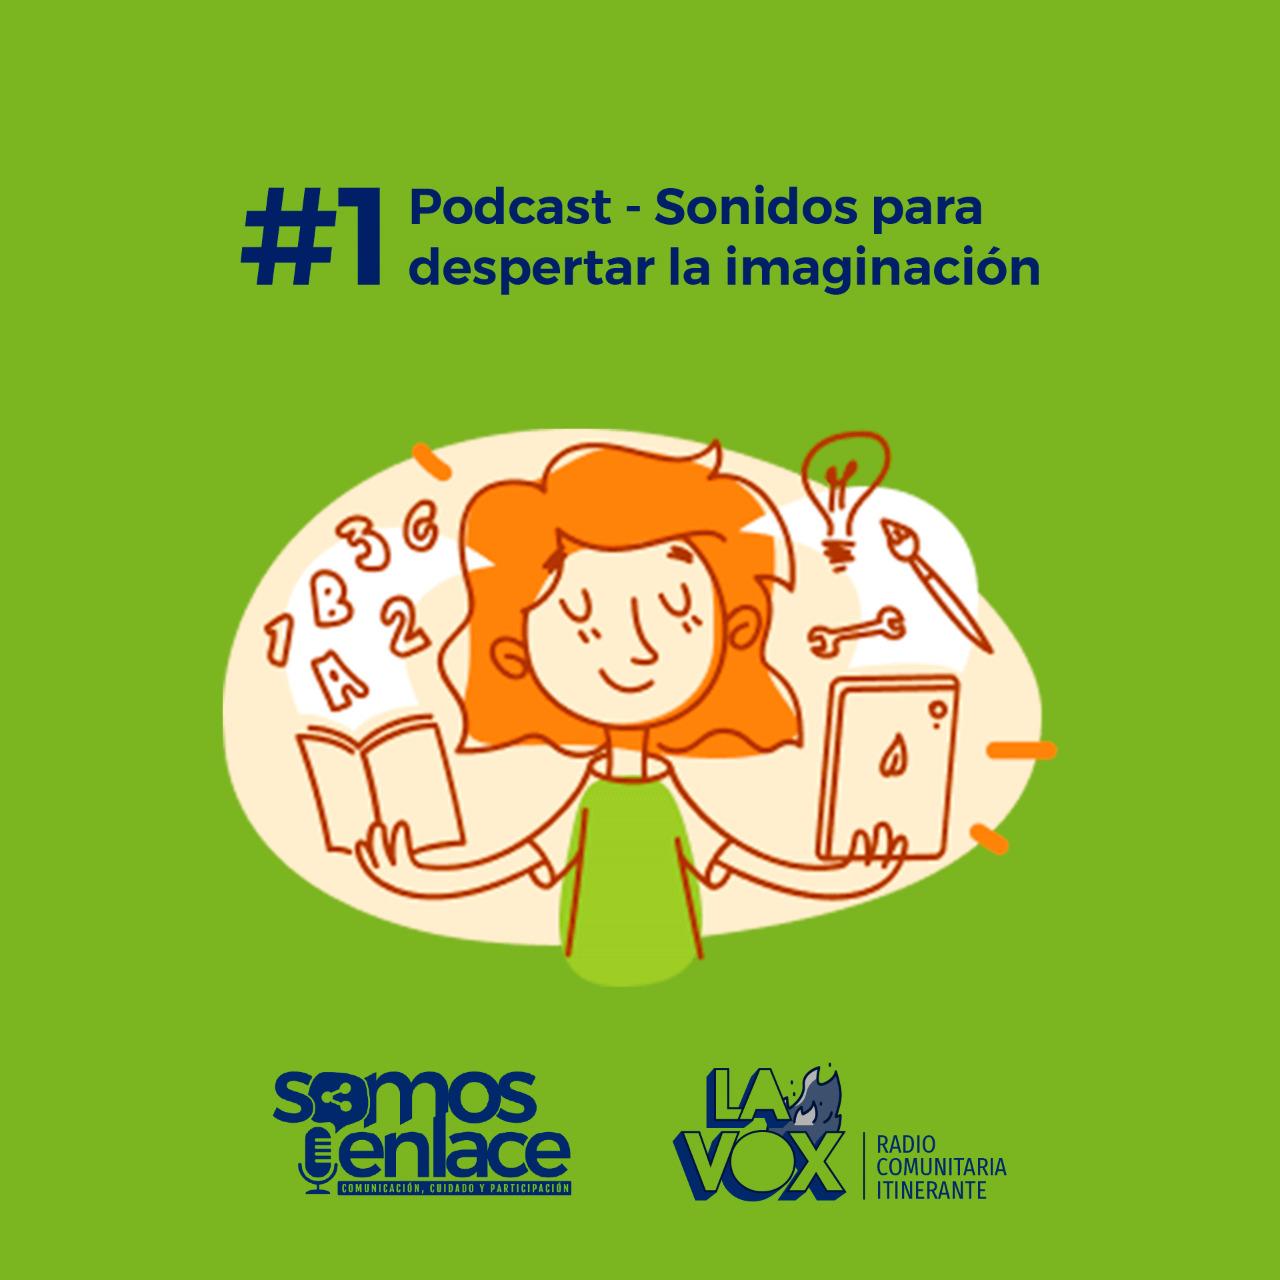 Podcast - Sonidos para despertar la imaginación #1 Acoitrapa y Chuquillanto